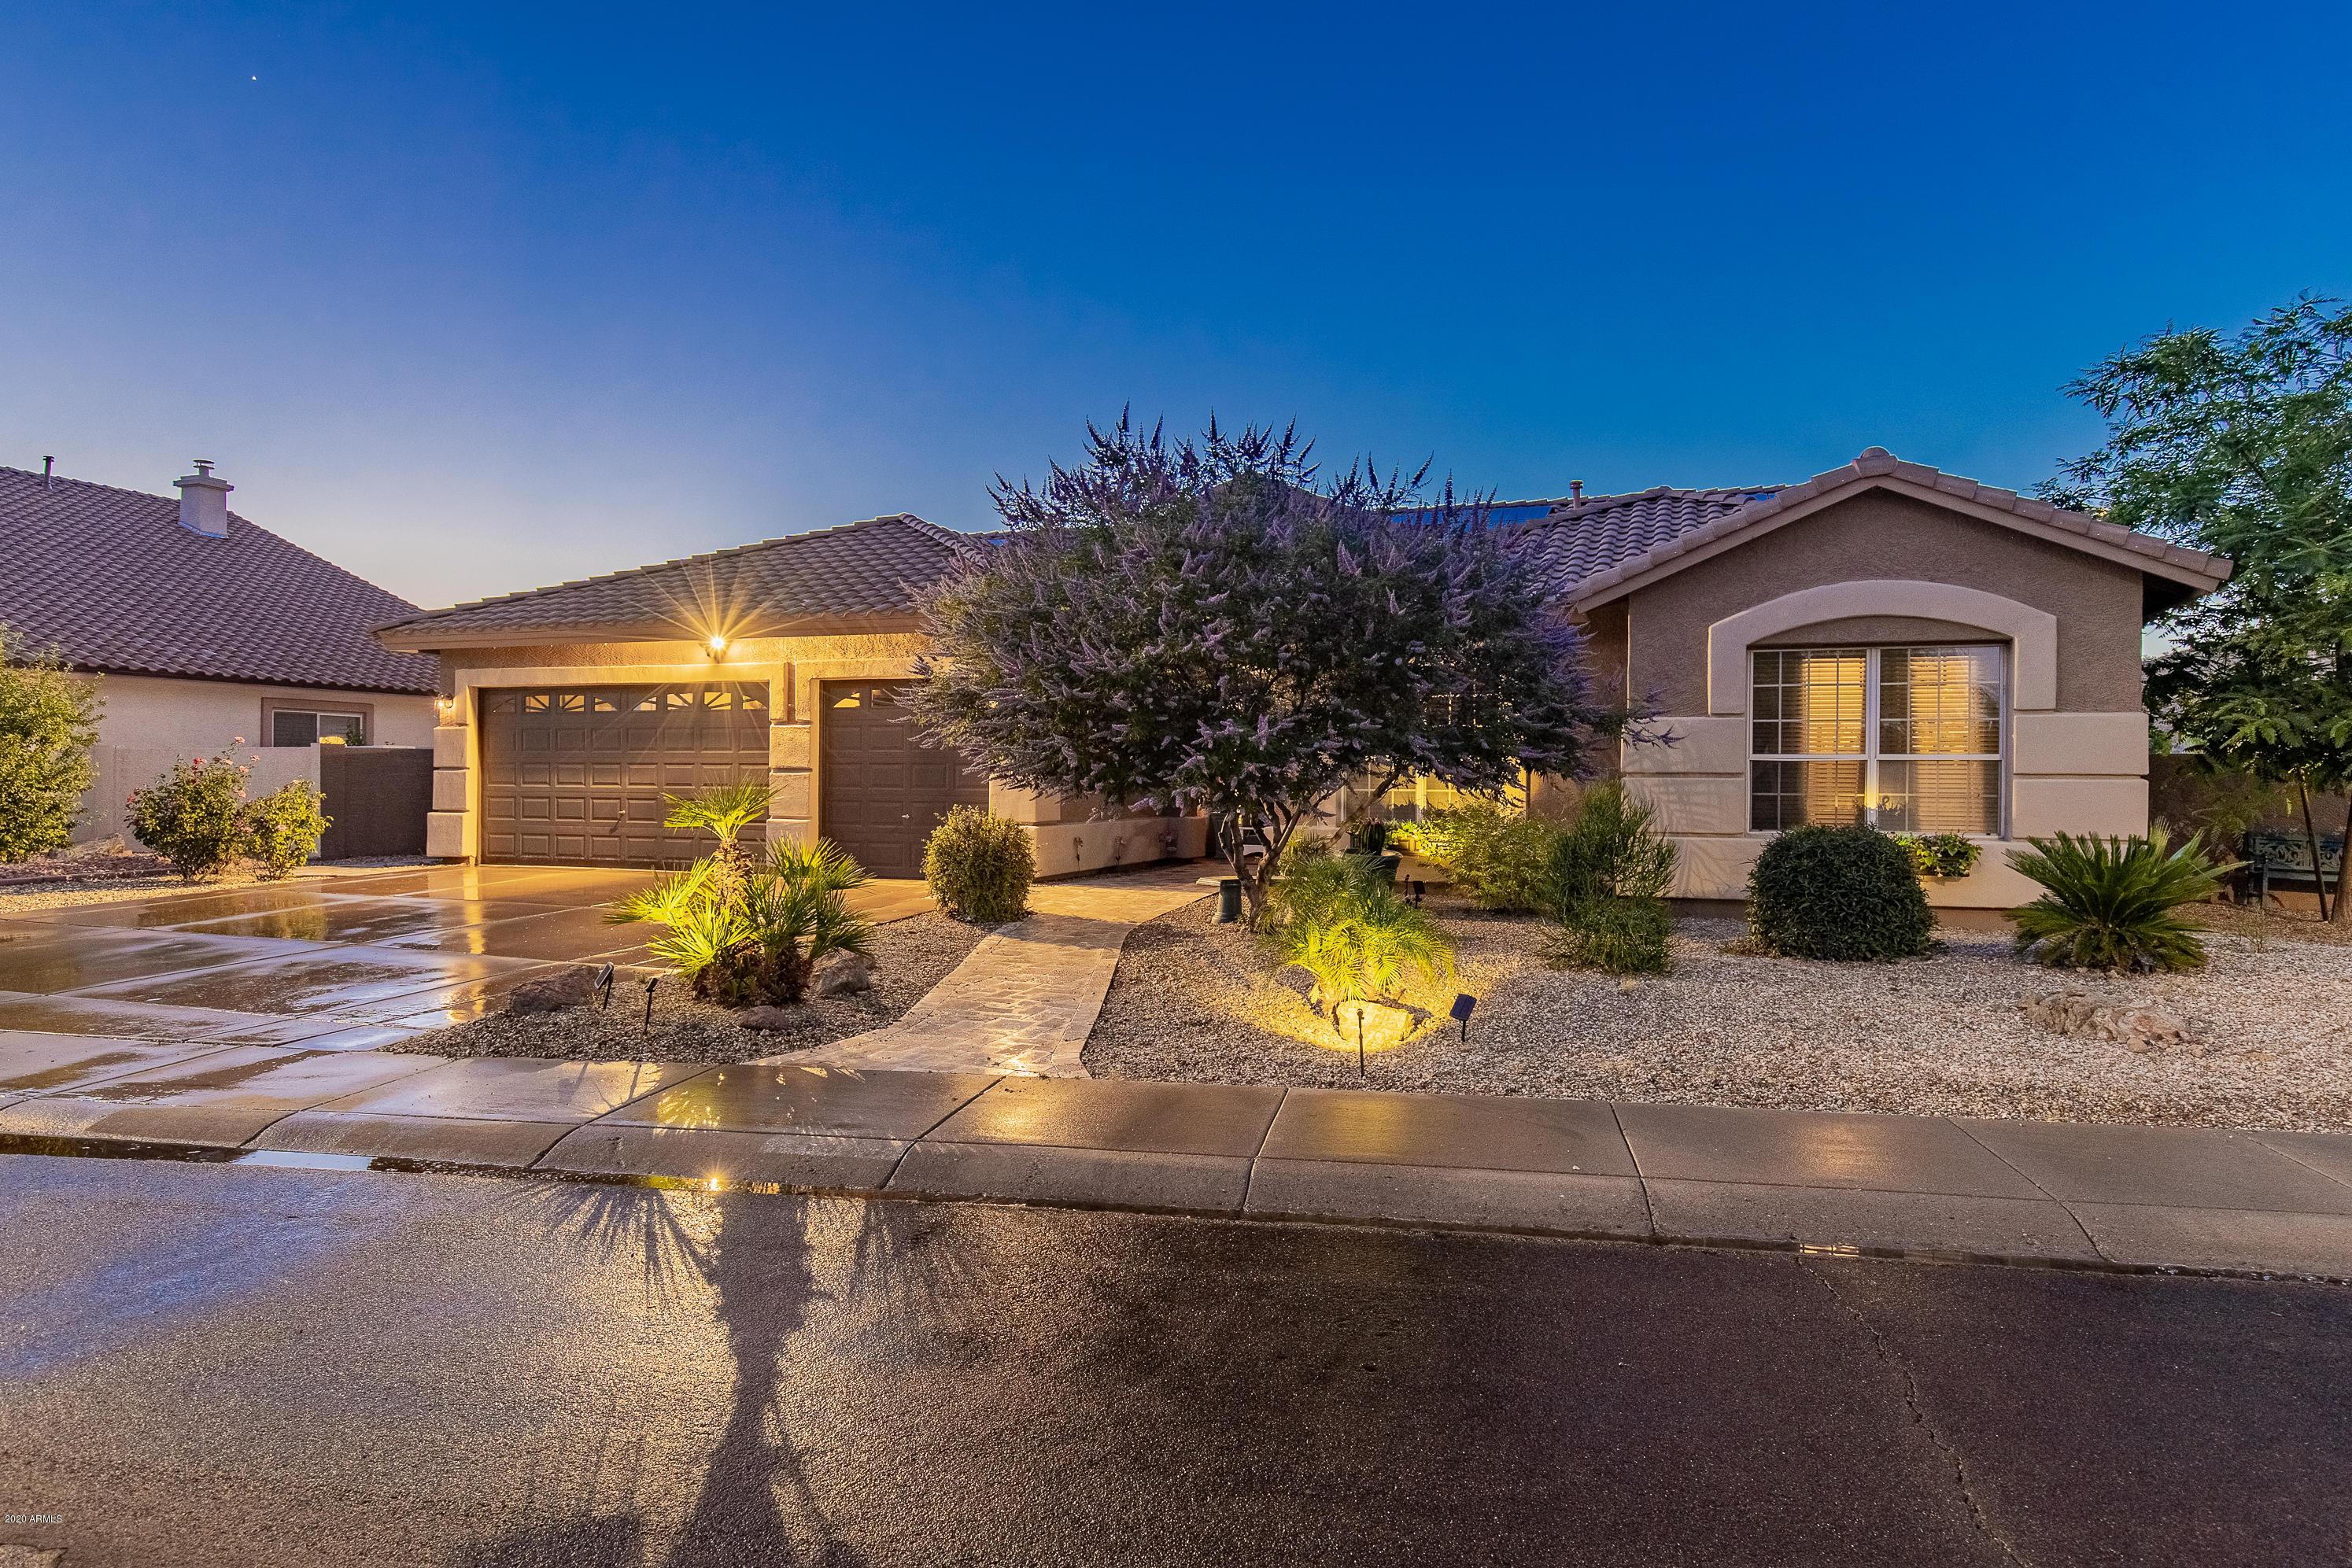 Photo of 5310 W MOHAWK Lane, Glendale, AZ 85308